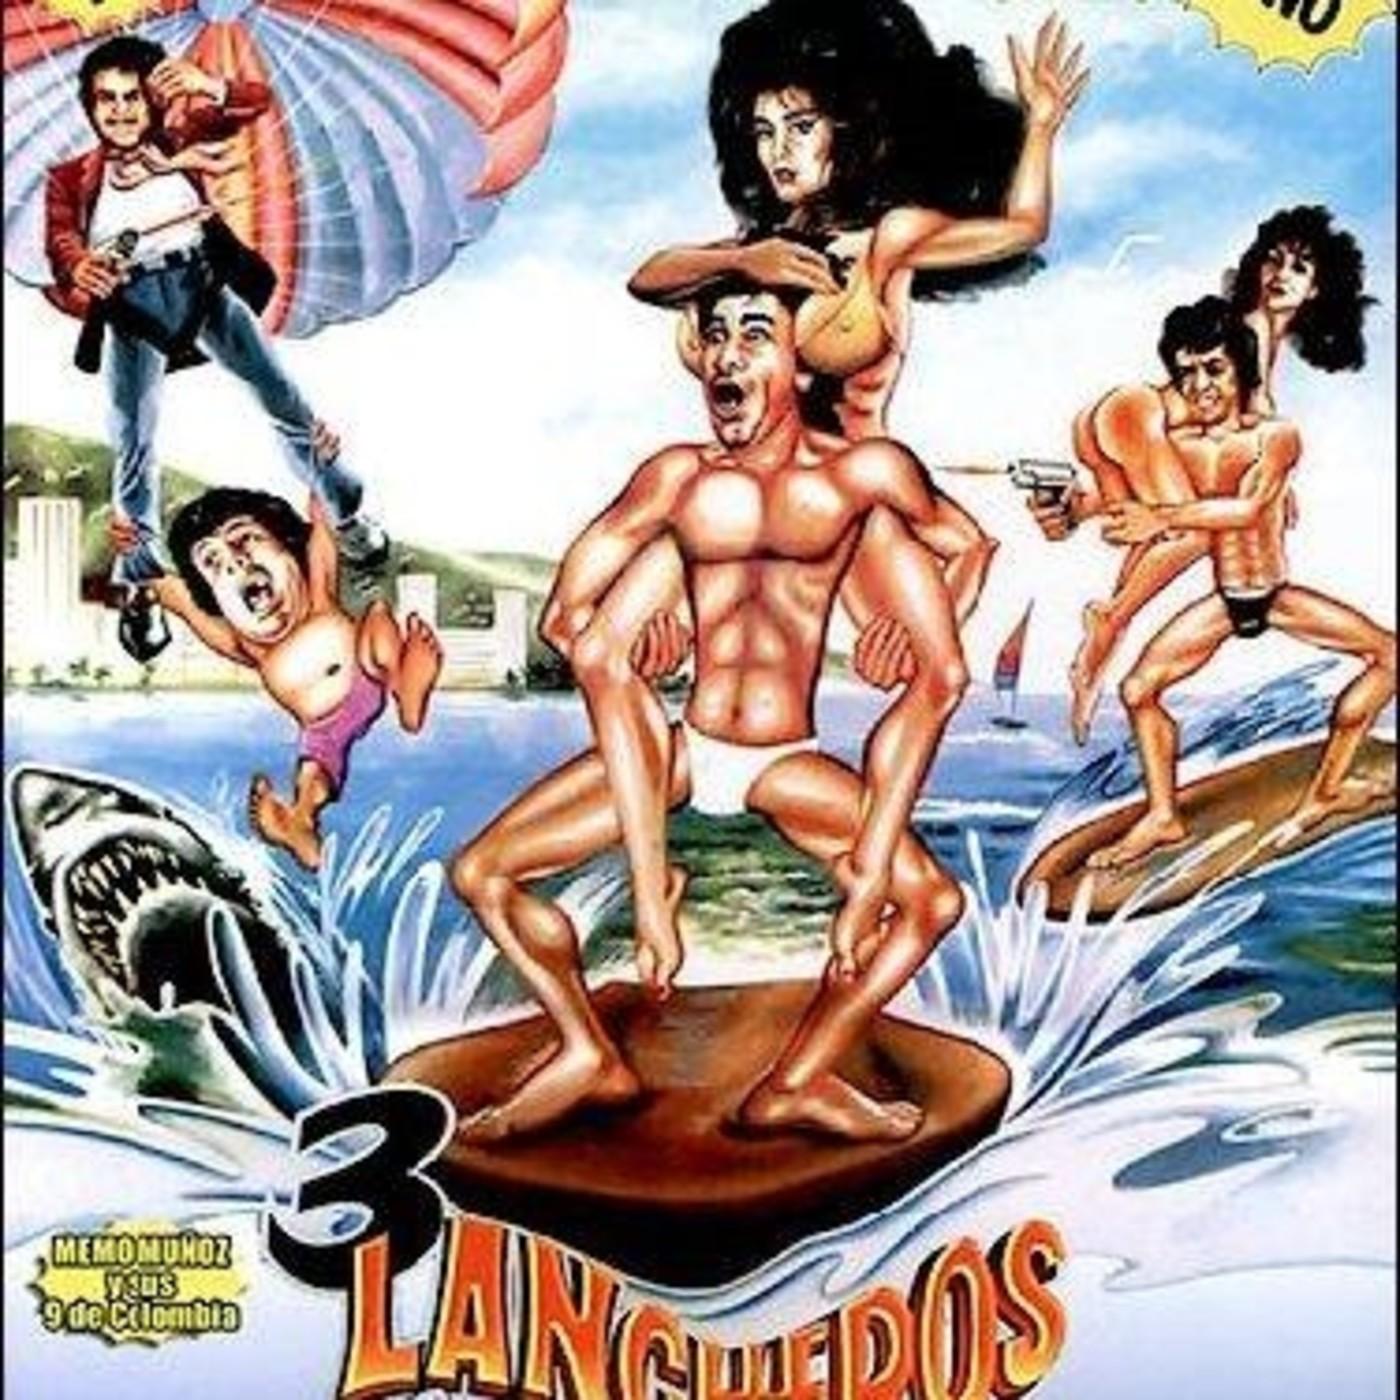 Las ficheras sexi comedia cine mexicano - 2 3